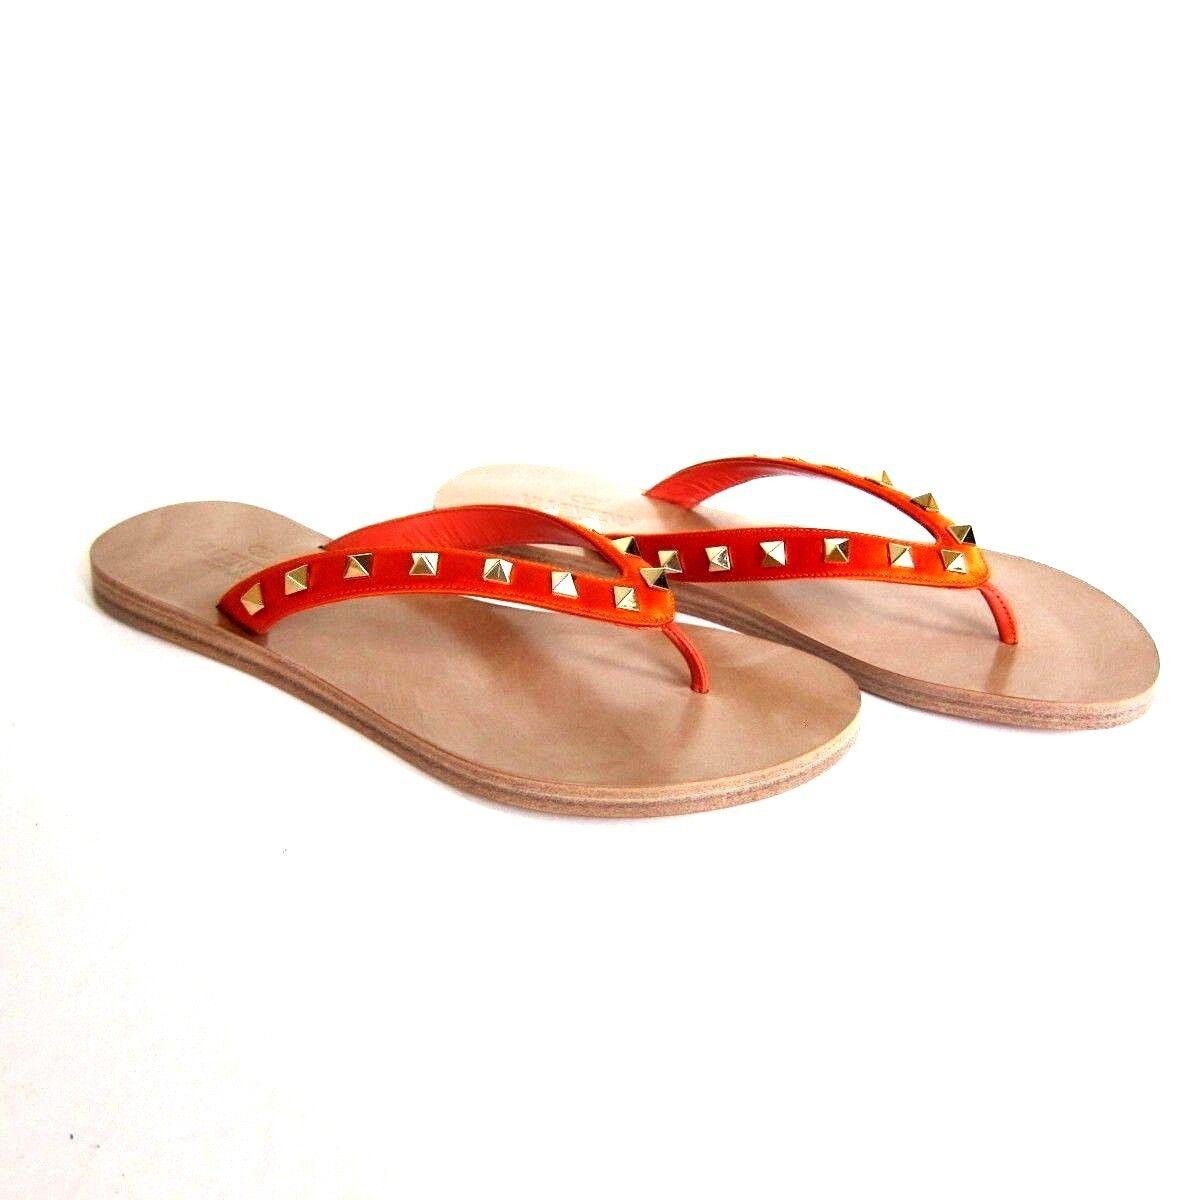 SANTONI FOOTWEAR  WOMAN - LOAFER SUEDE GRAY  - WOMAN 355B 4c992f